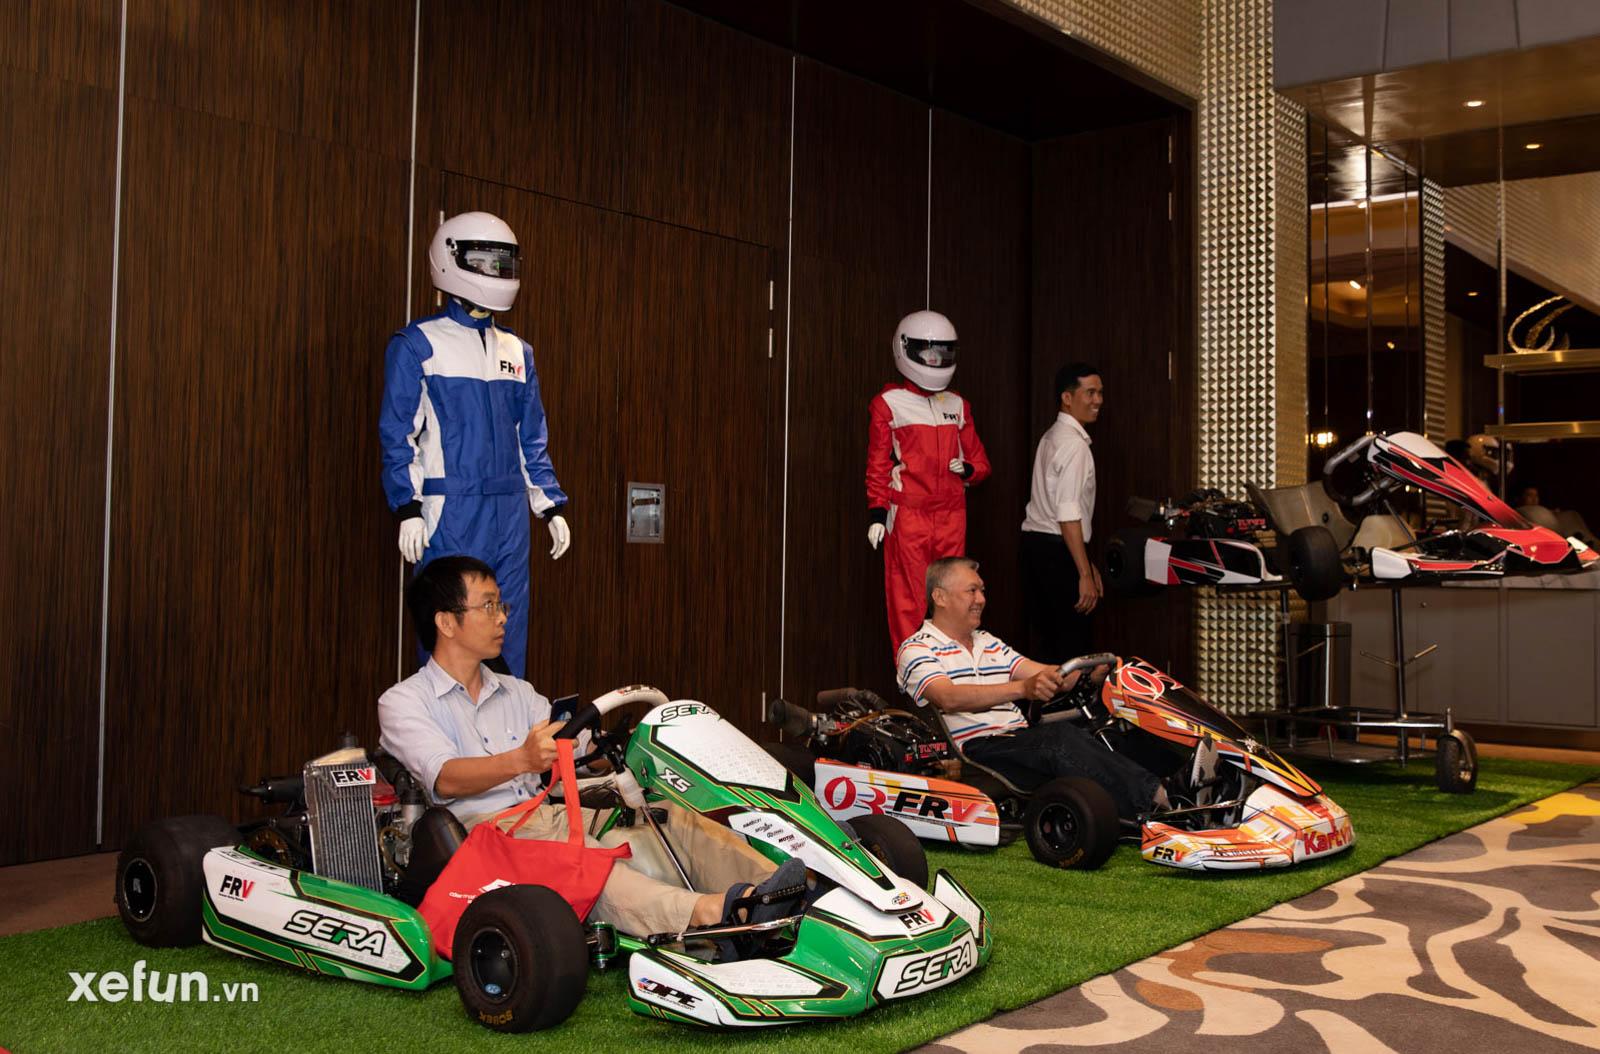 Giải đua Go Kart Southern Open Championship Formula Racing Vietnam trên Xefun (1)47687